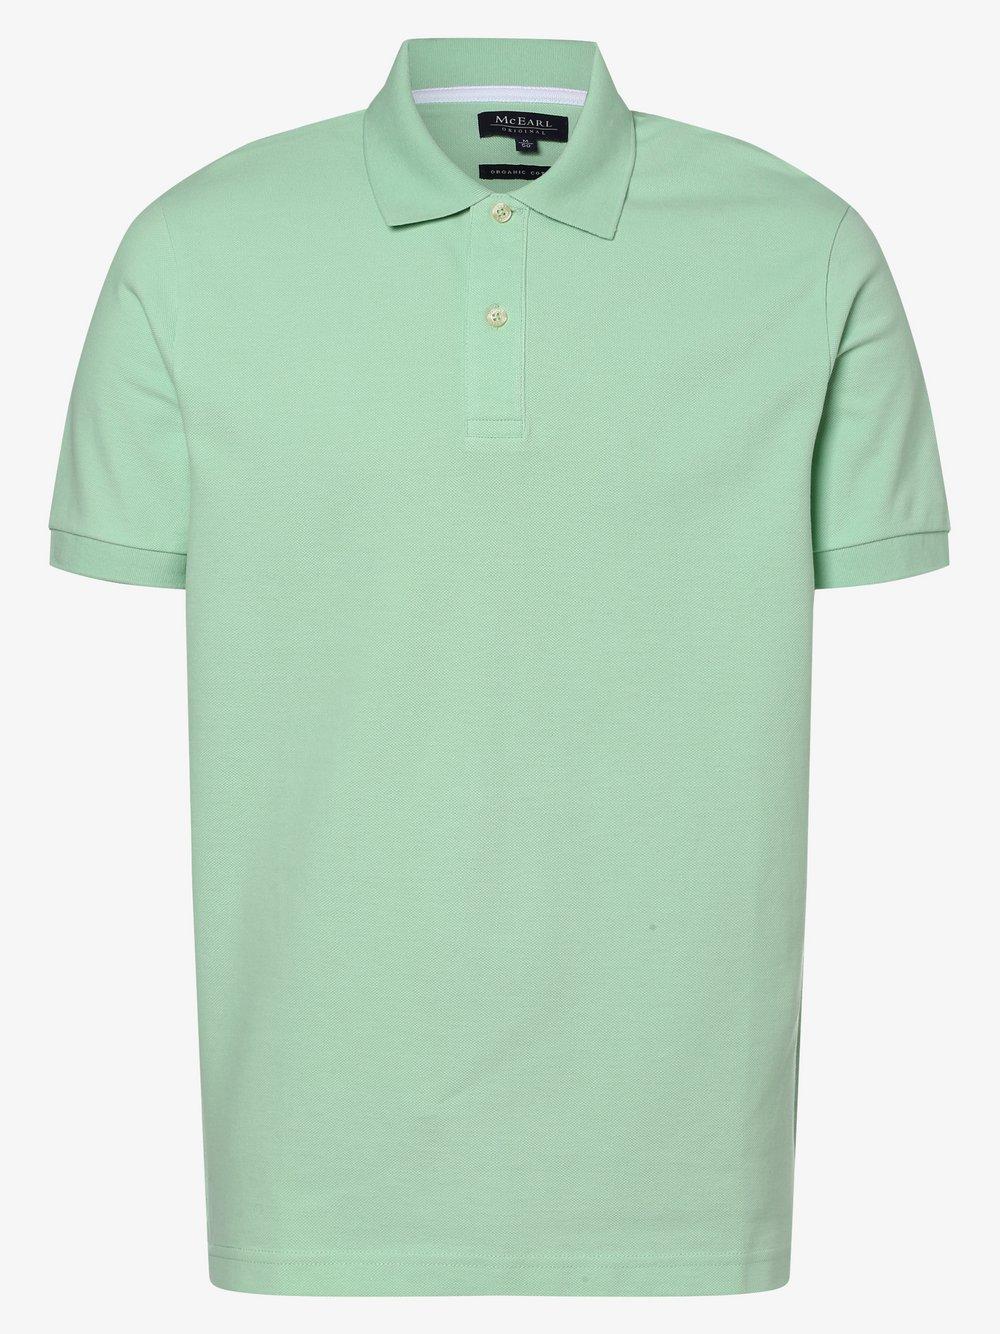 Mc Earl - Męska koszulka polo, zielony